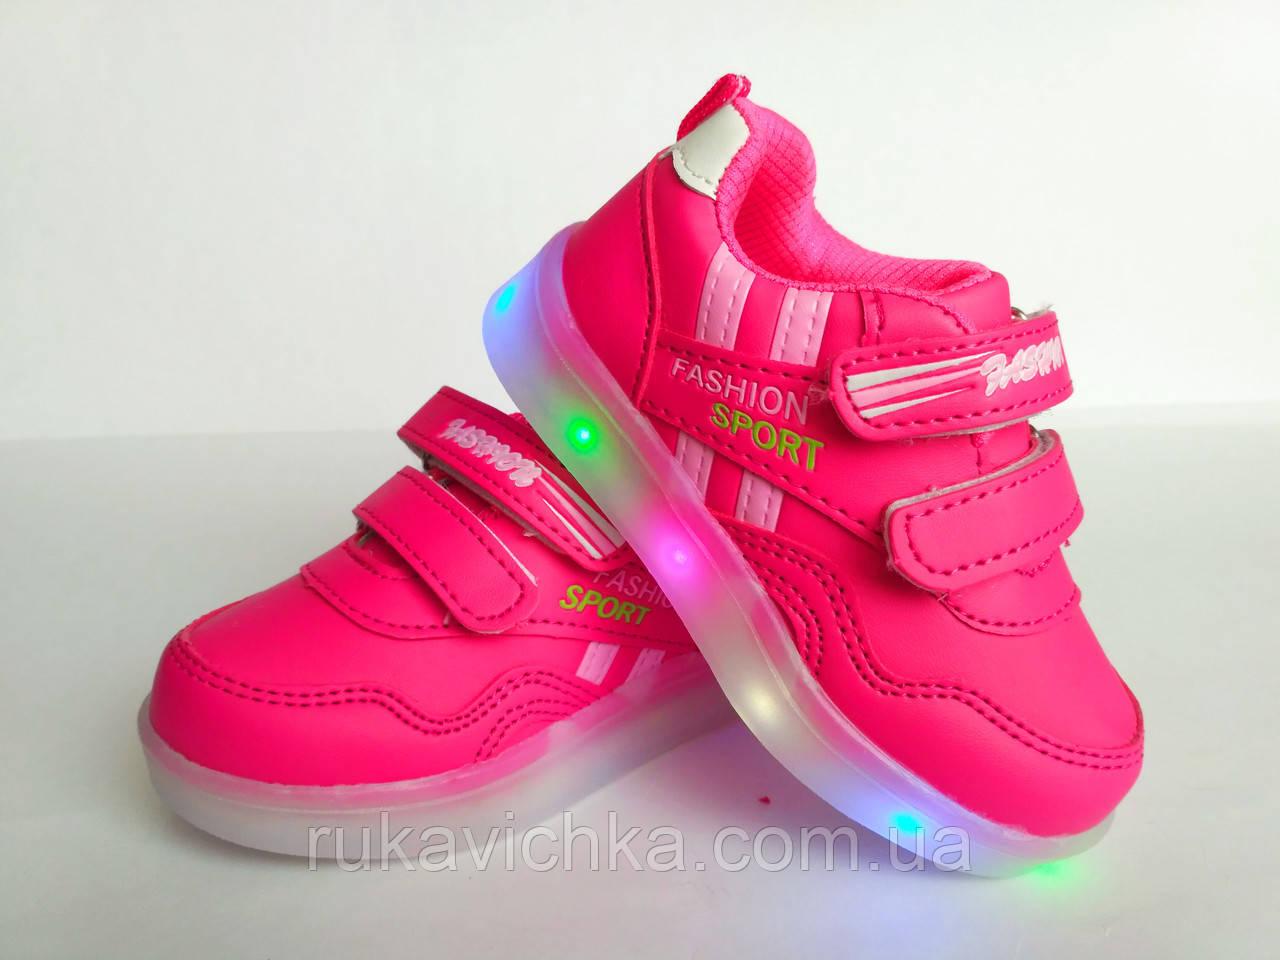 d4e9b6e9 22- Модные детские кроссовки с LED-подсветкой бренда ВВТ для девочки, р. 22-  ...